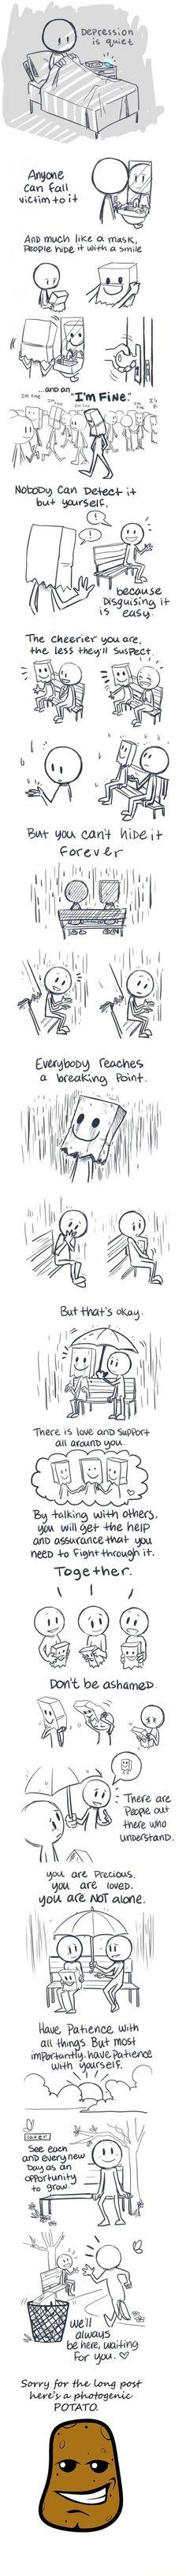 Depression is quiet